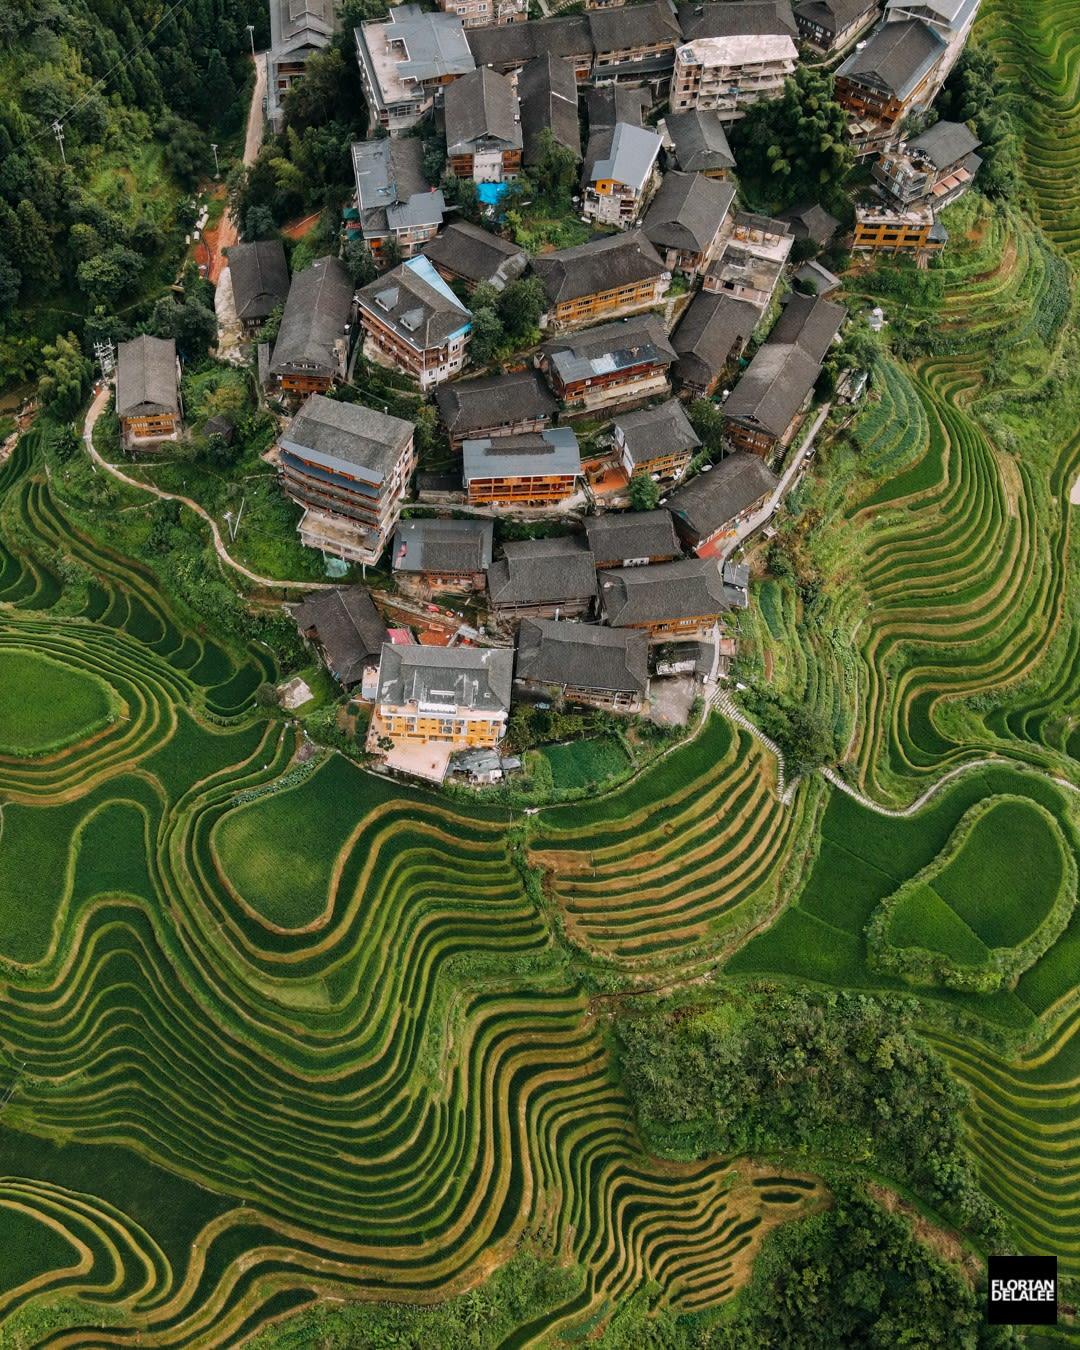 من بحيرة وردية إلى حقول أرز ساحرة.. شاهد جمال الصين من الأعلى عبر هذه الصور